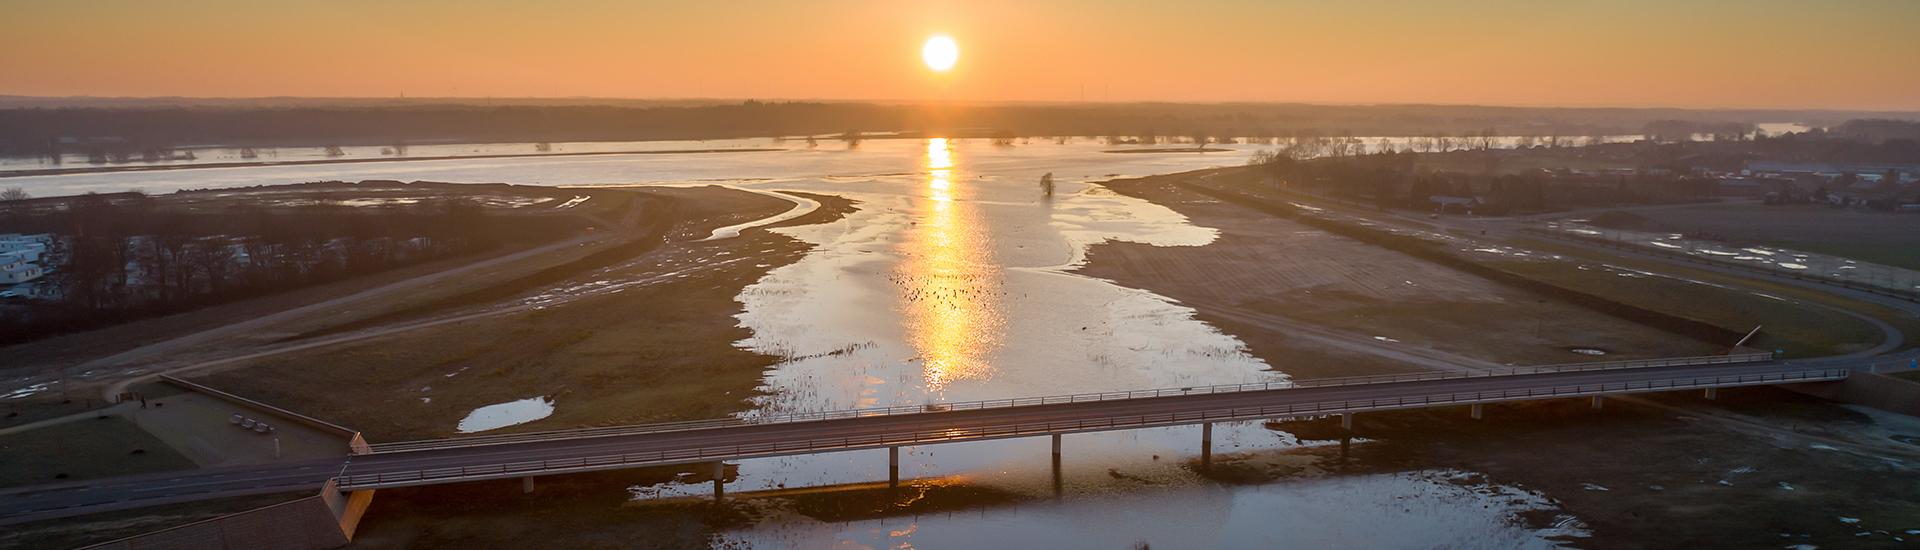 Hoge waterstanden rivier de Maas